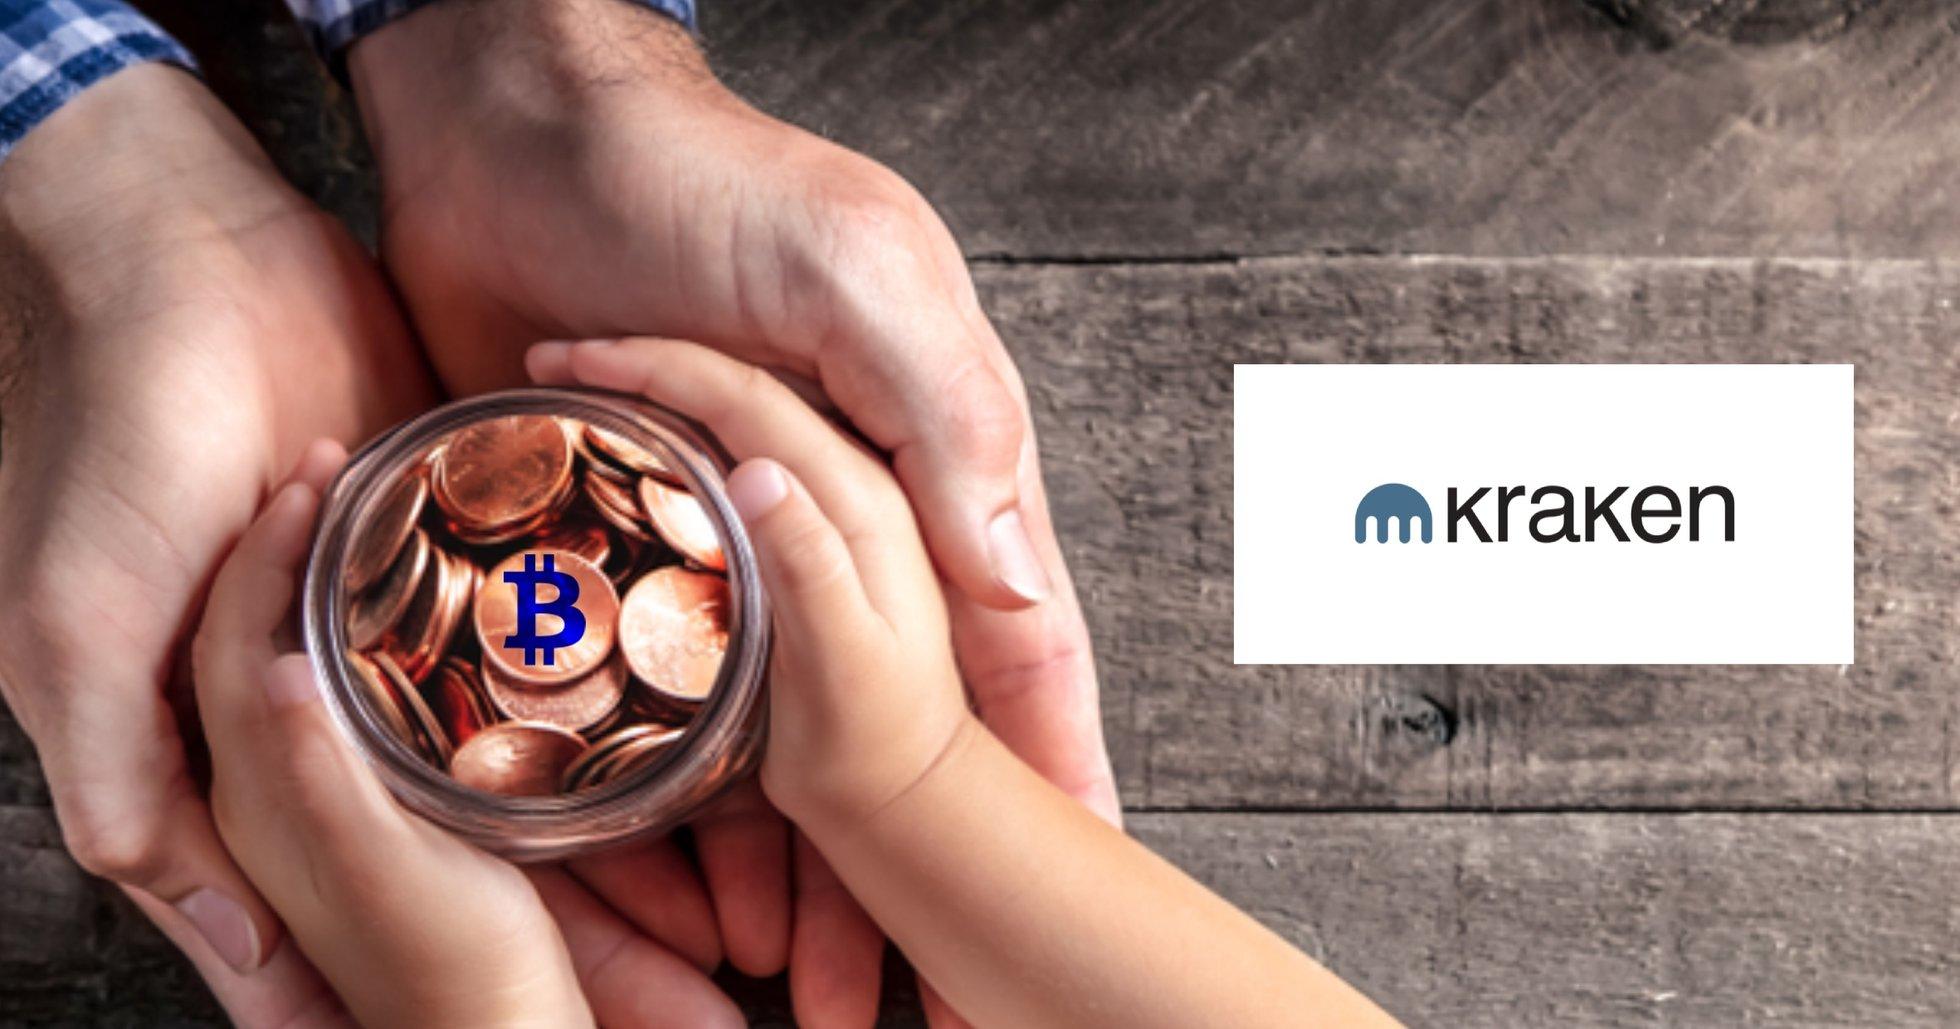 Ny rapport: Bitcoinpriset kommer att stiga till 350 000 dollar när boomer-generationen dör ut